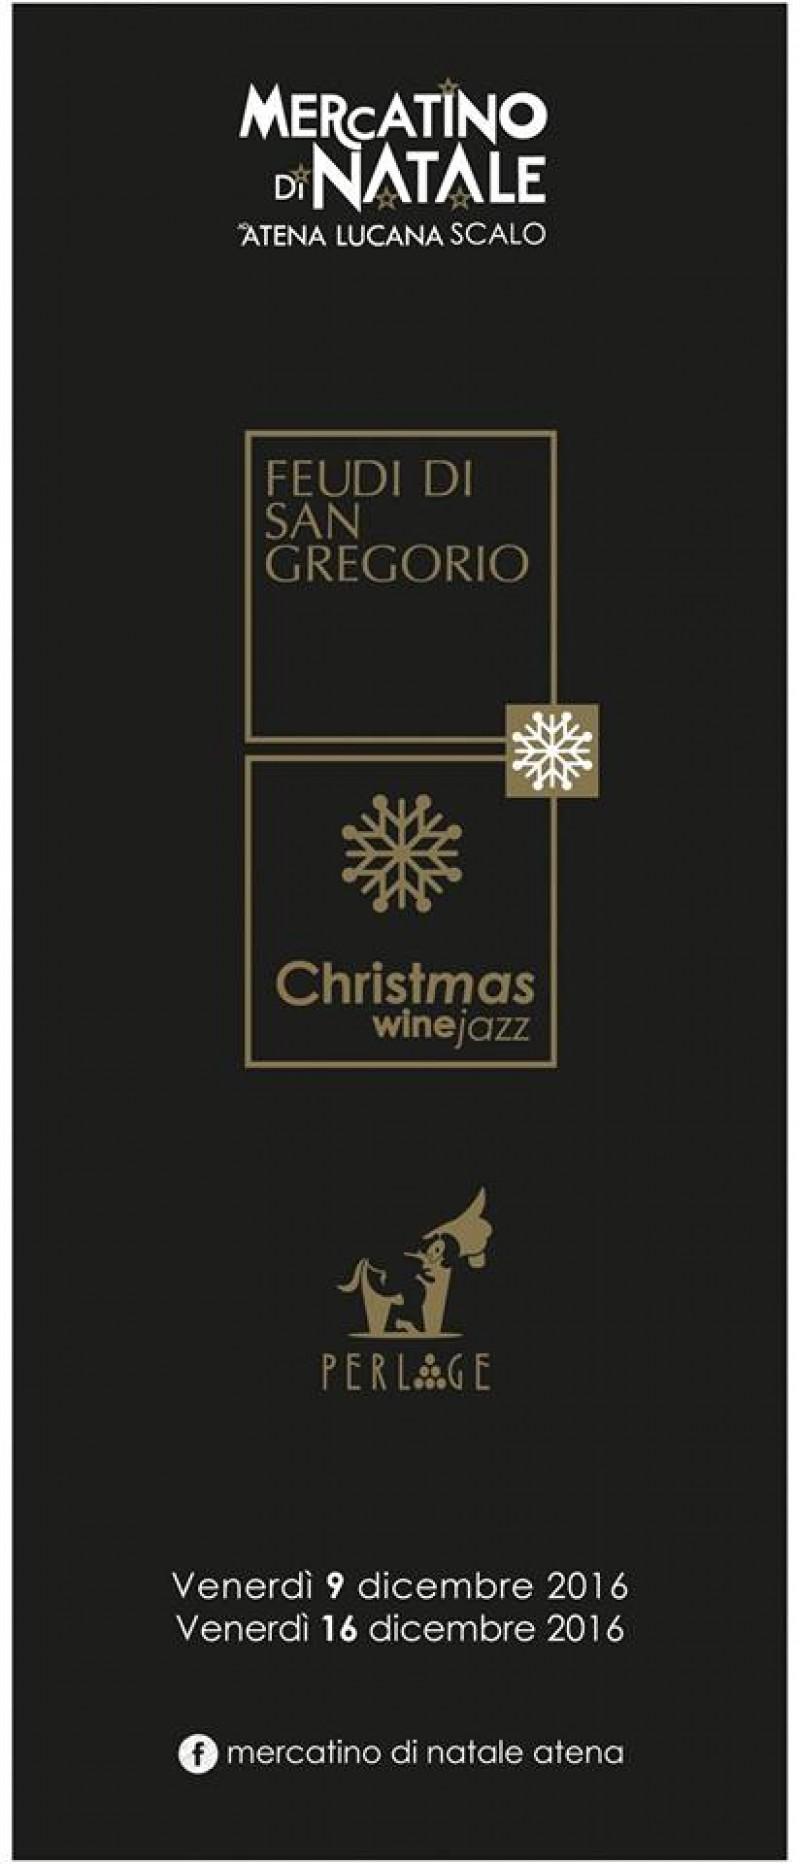 foto articolo Christmas Wine Jazz in compagnia di Feudi di San Gregorio